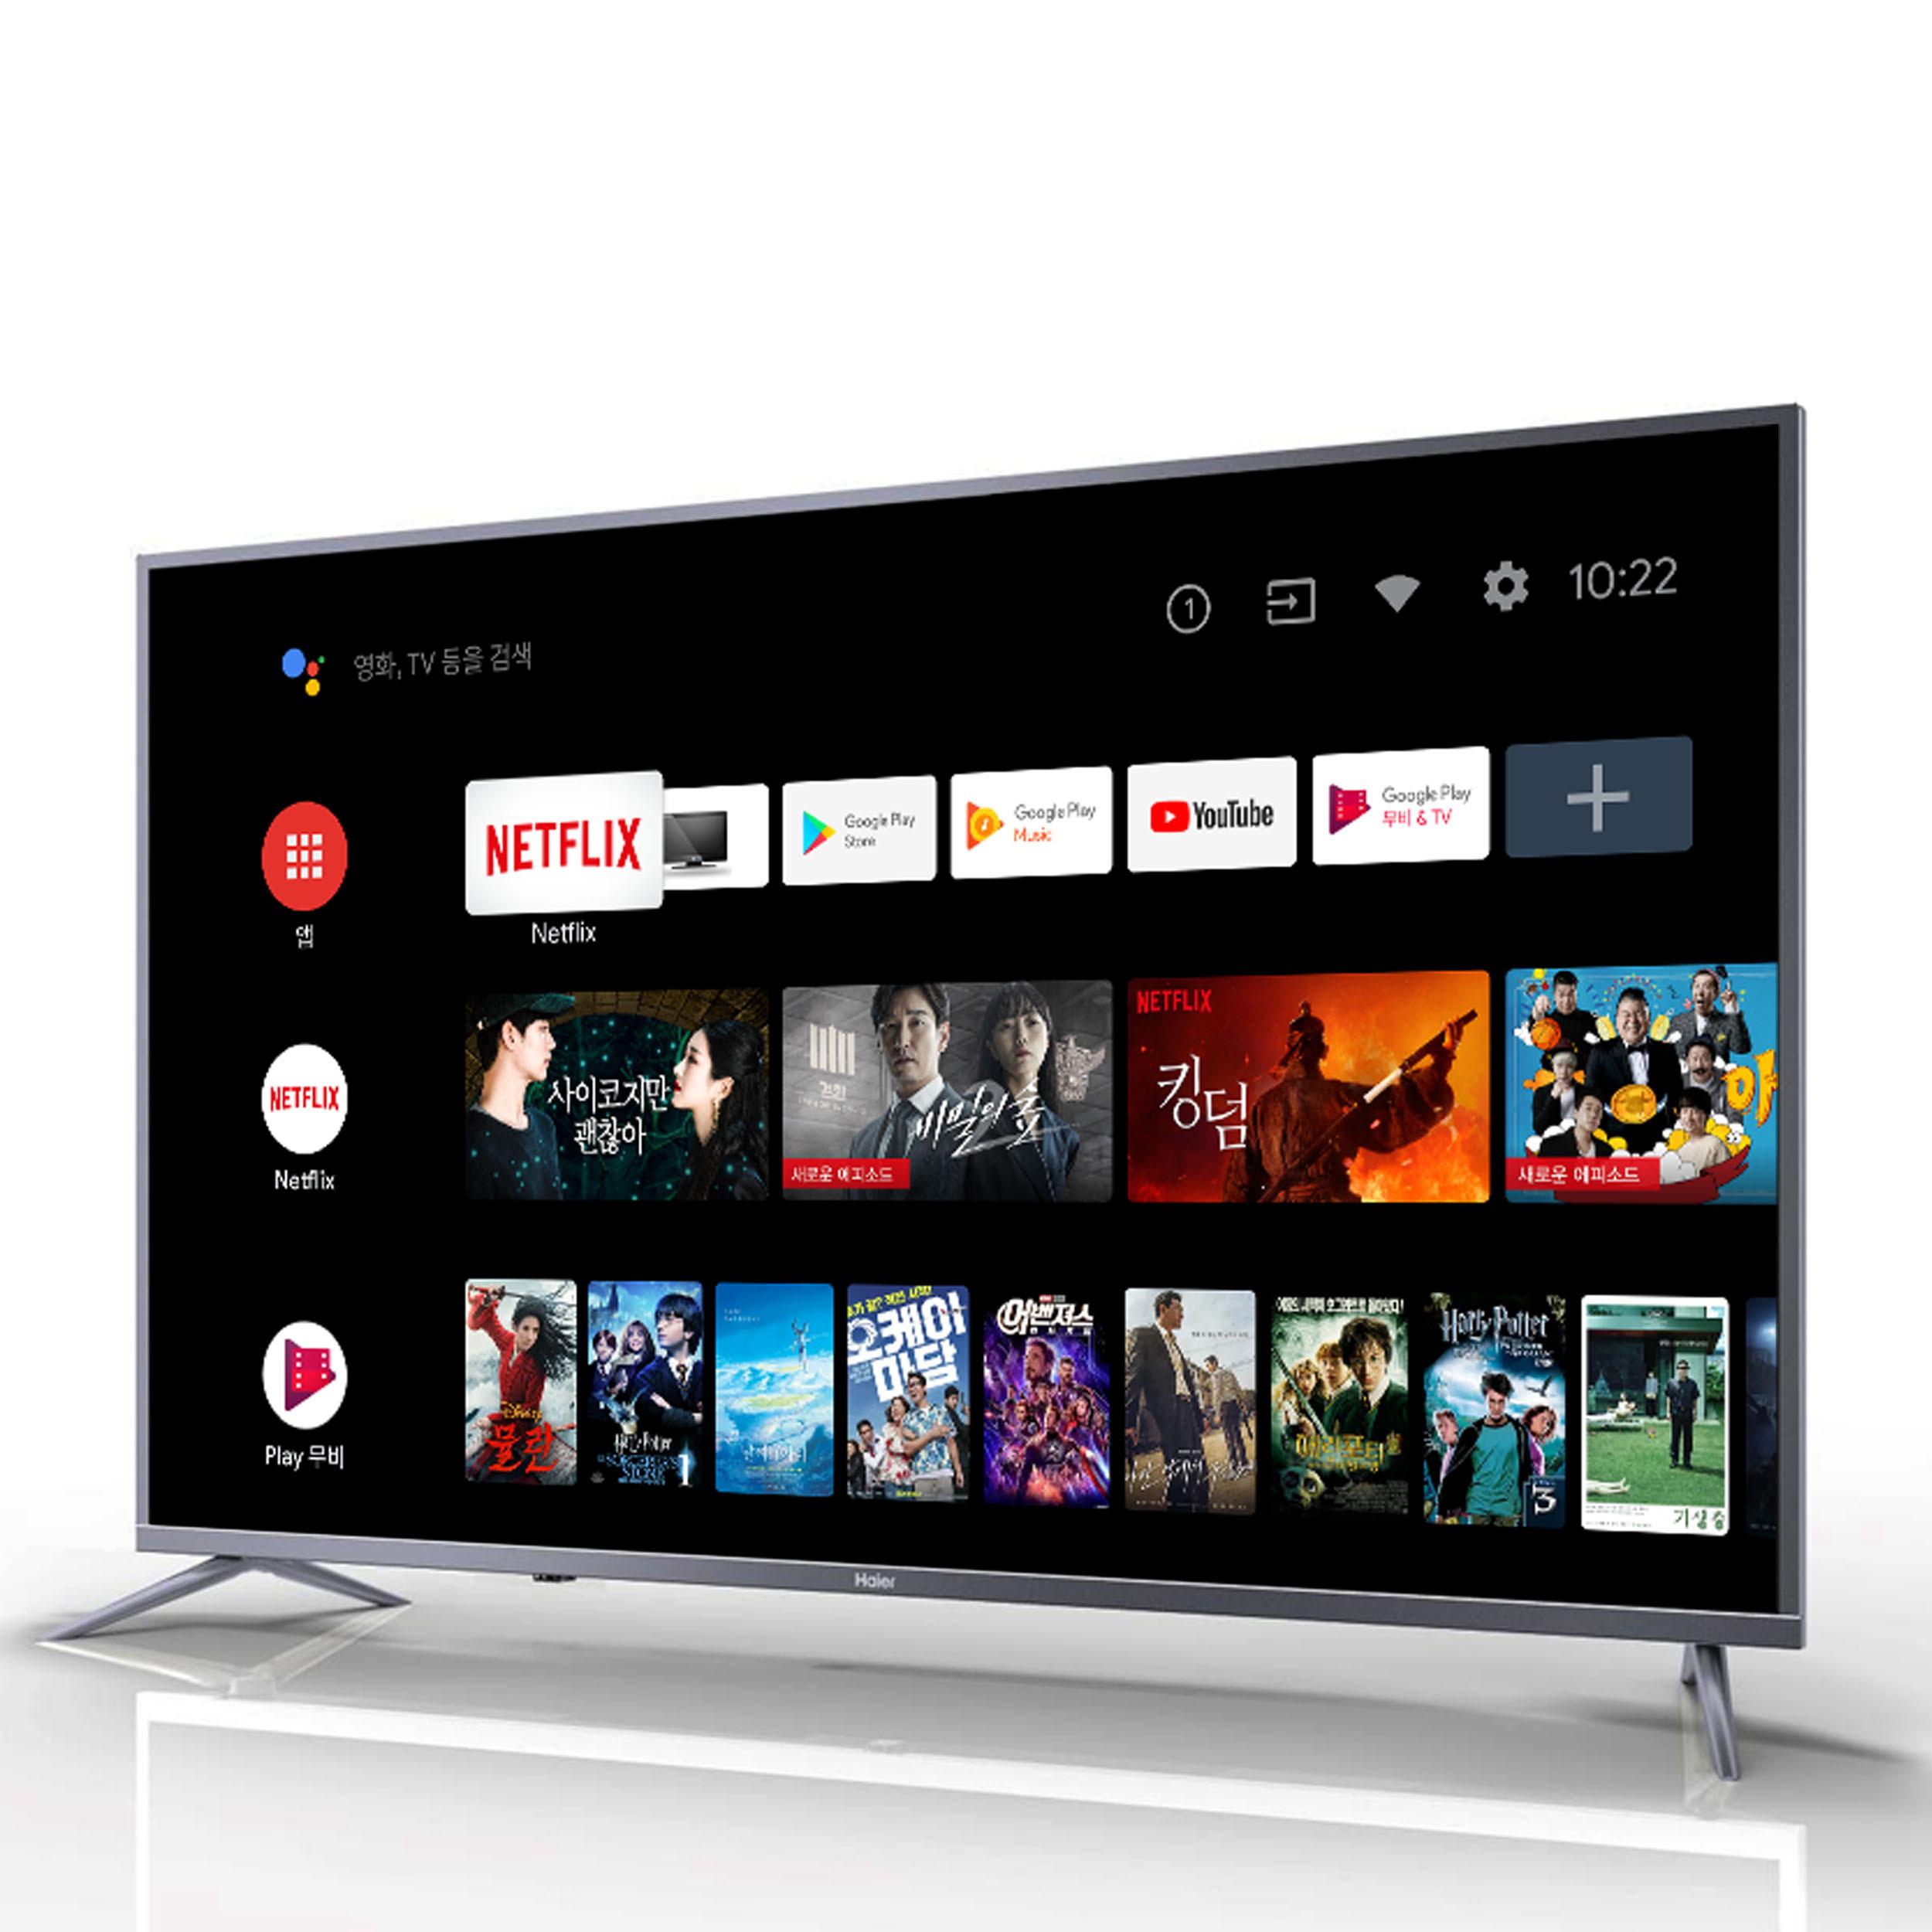 하이얼 4K UHD 139cm 구글 안드로이드 스마트 TV LE55SU69UG, 스탠드형, 자가설치